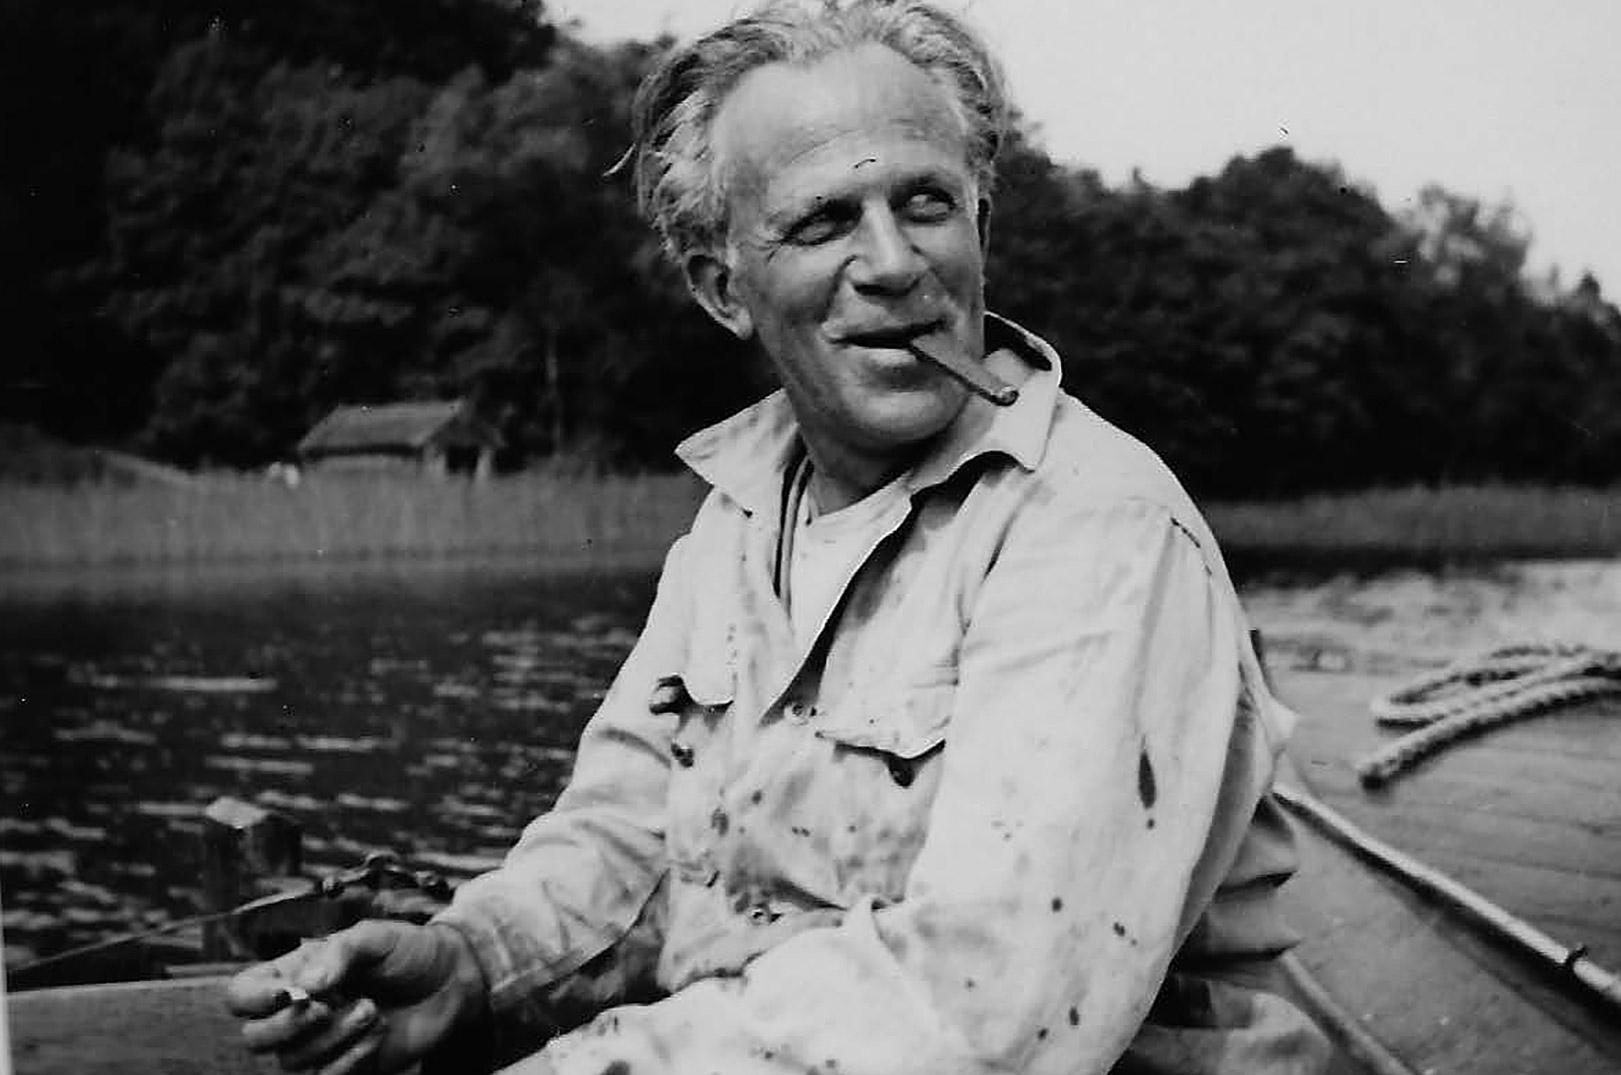 Foto fra Lystfiskeriforeningens fotoalbum. På søen var Methling i sit es. Han var udenfor Verona.